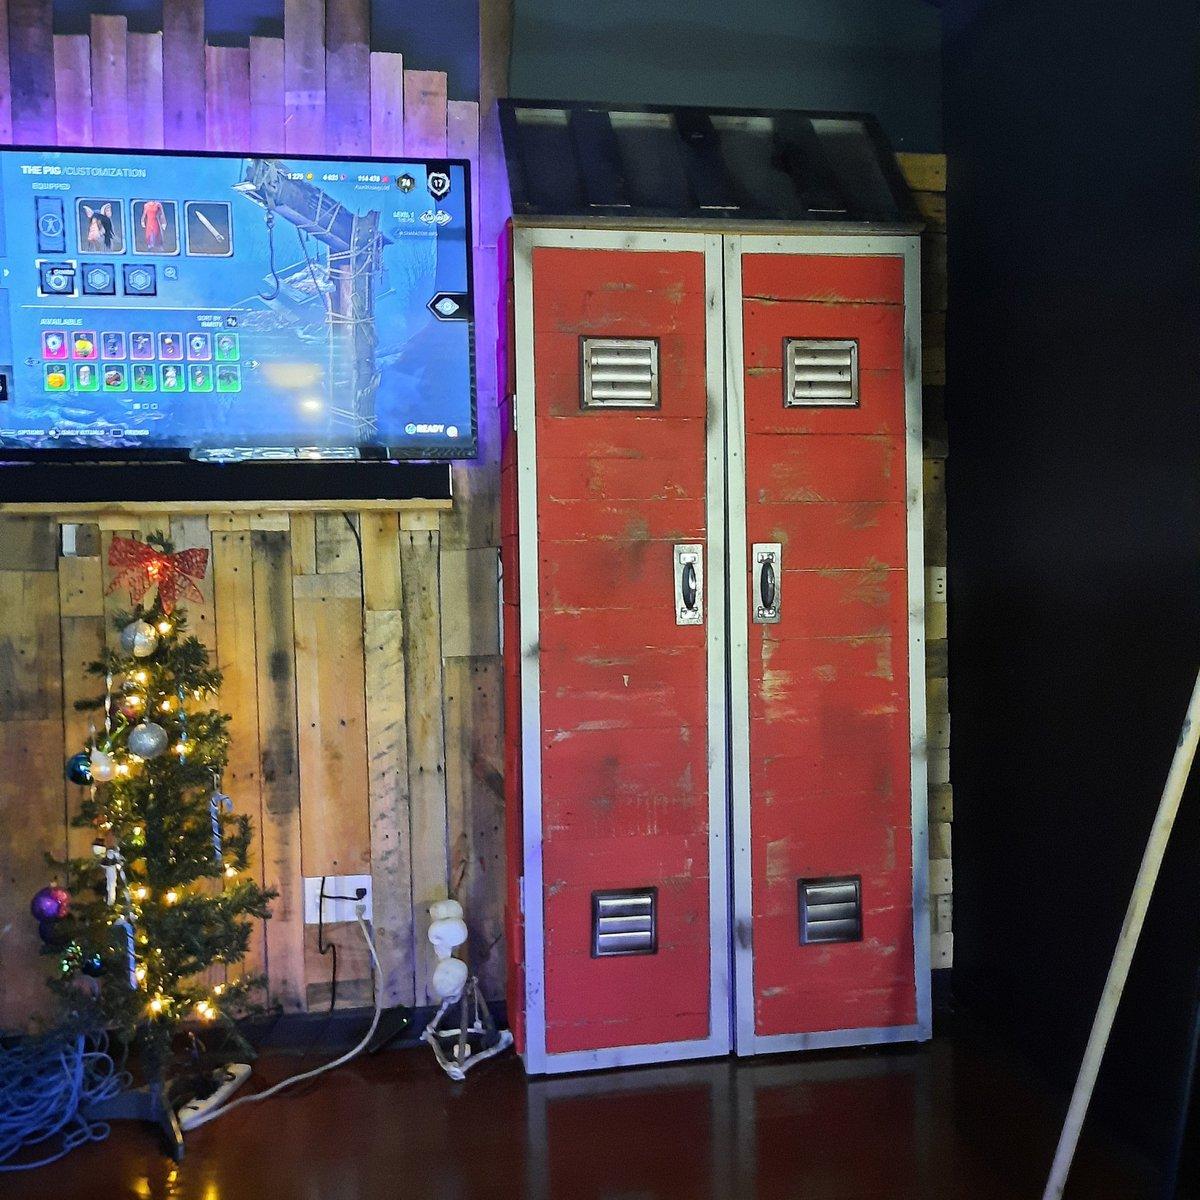 Replying to @BeardNoEvil: @DeadByBHVR How about this full size, functional locker i built? Hmmmmm.....